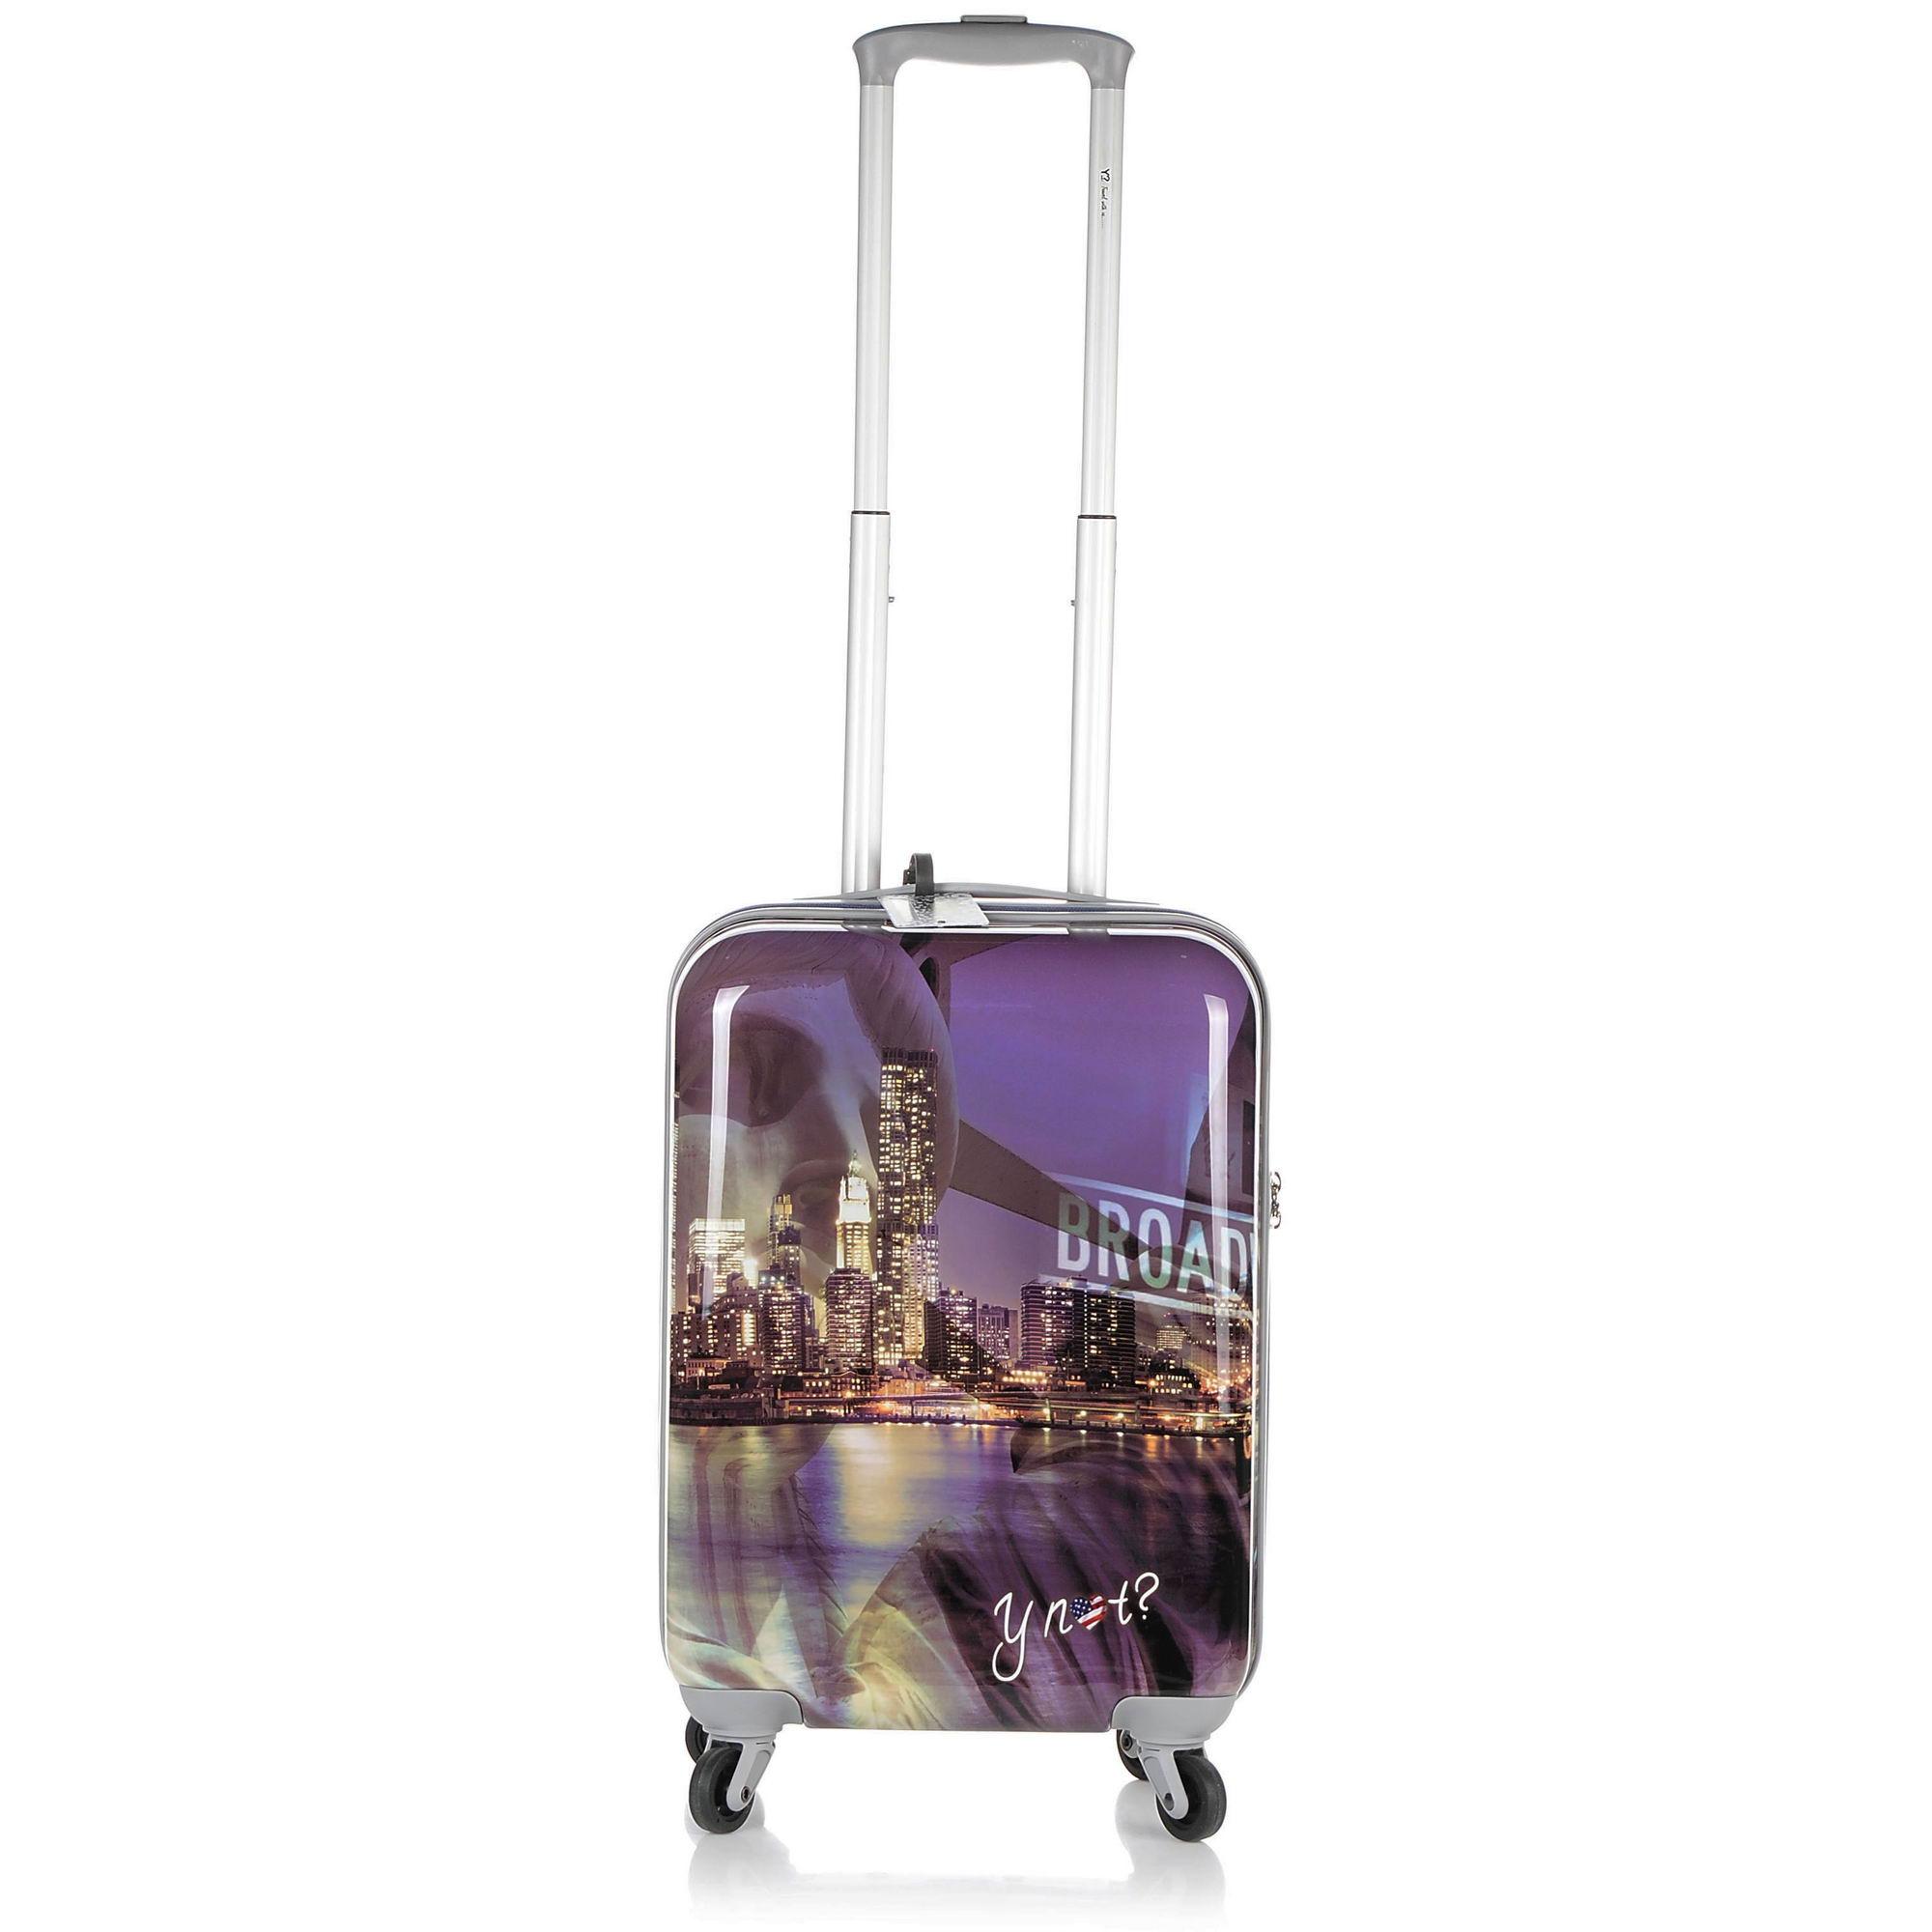 Βαλίτσα Σκληρή Y Not? Ι-1001 Cabin Size 55 cm ειδη ταξιδιου   βαλίτσα hard